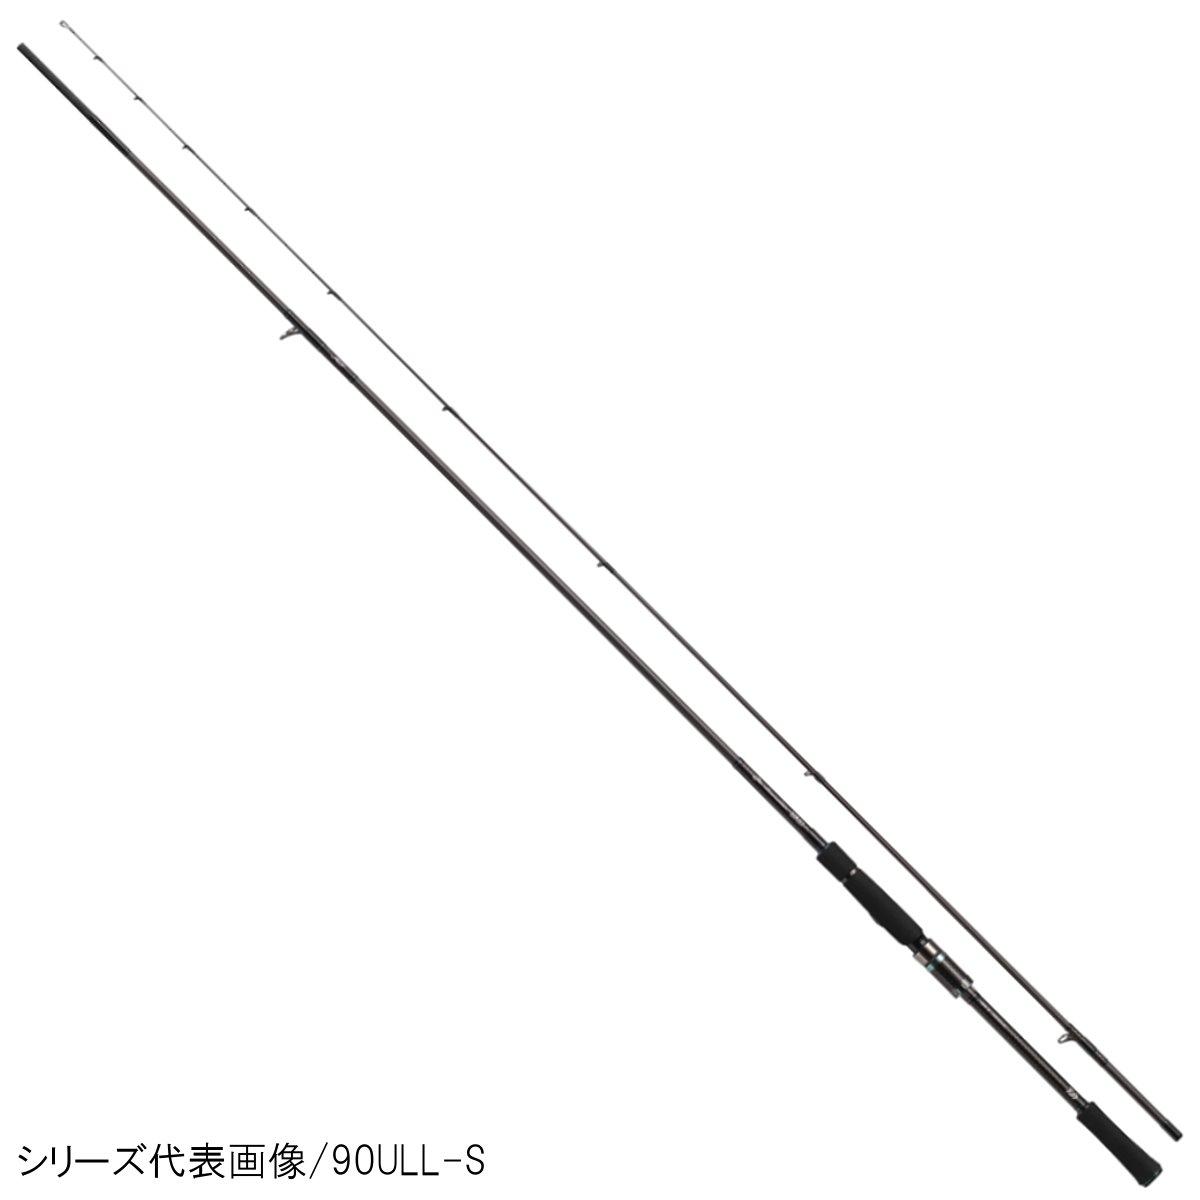 ダイワ エメラルダス STOIST AGS 88LM-S【送料無料】